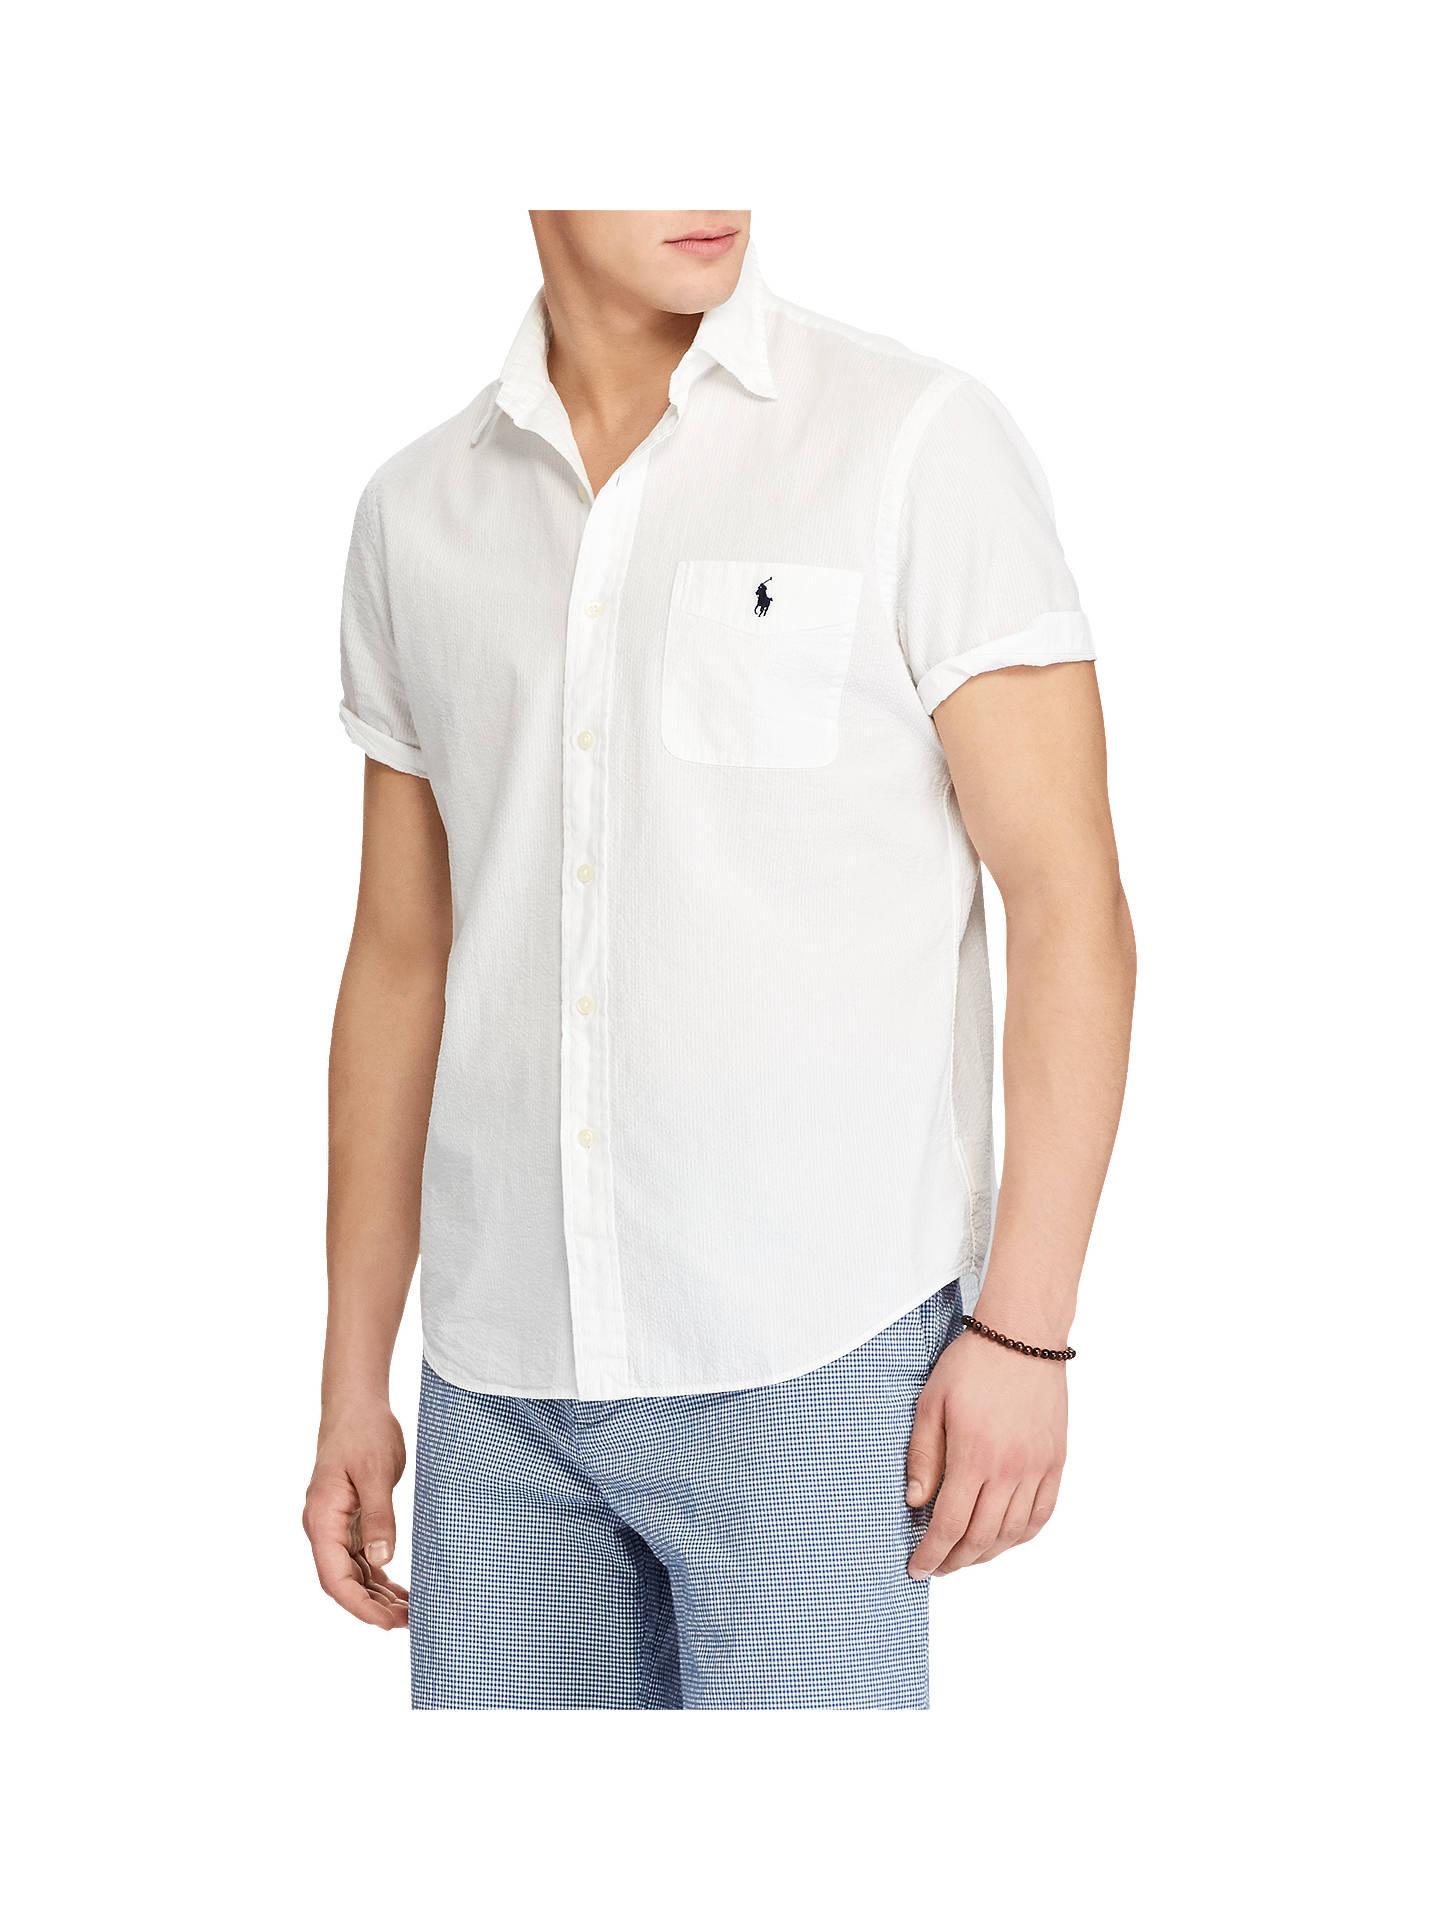 e9c8e047739 Polo Ralph Lauren Seersucker Short Sleeve Shirt at John Lewis   Partners